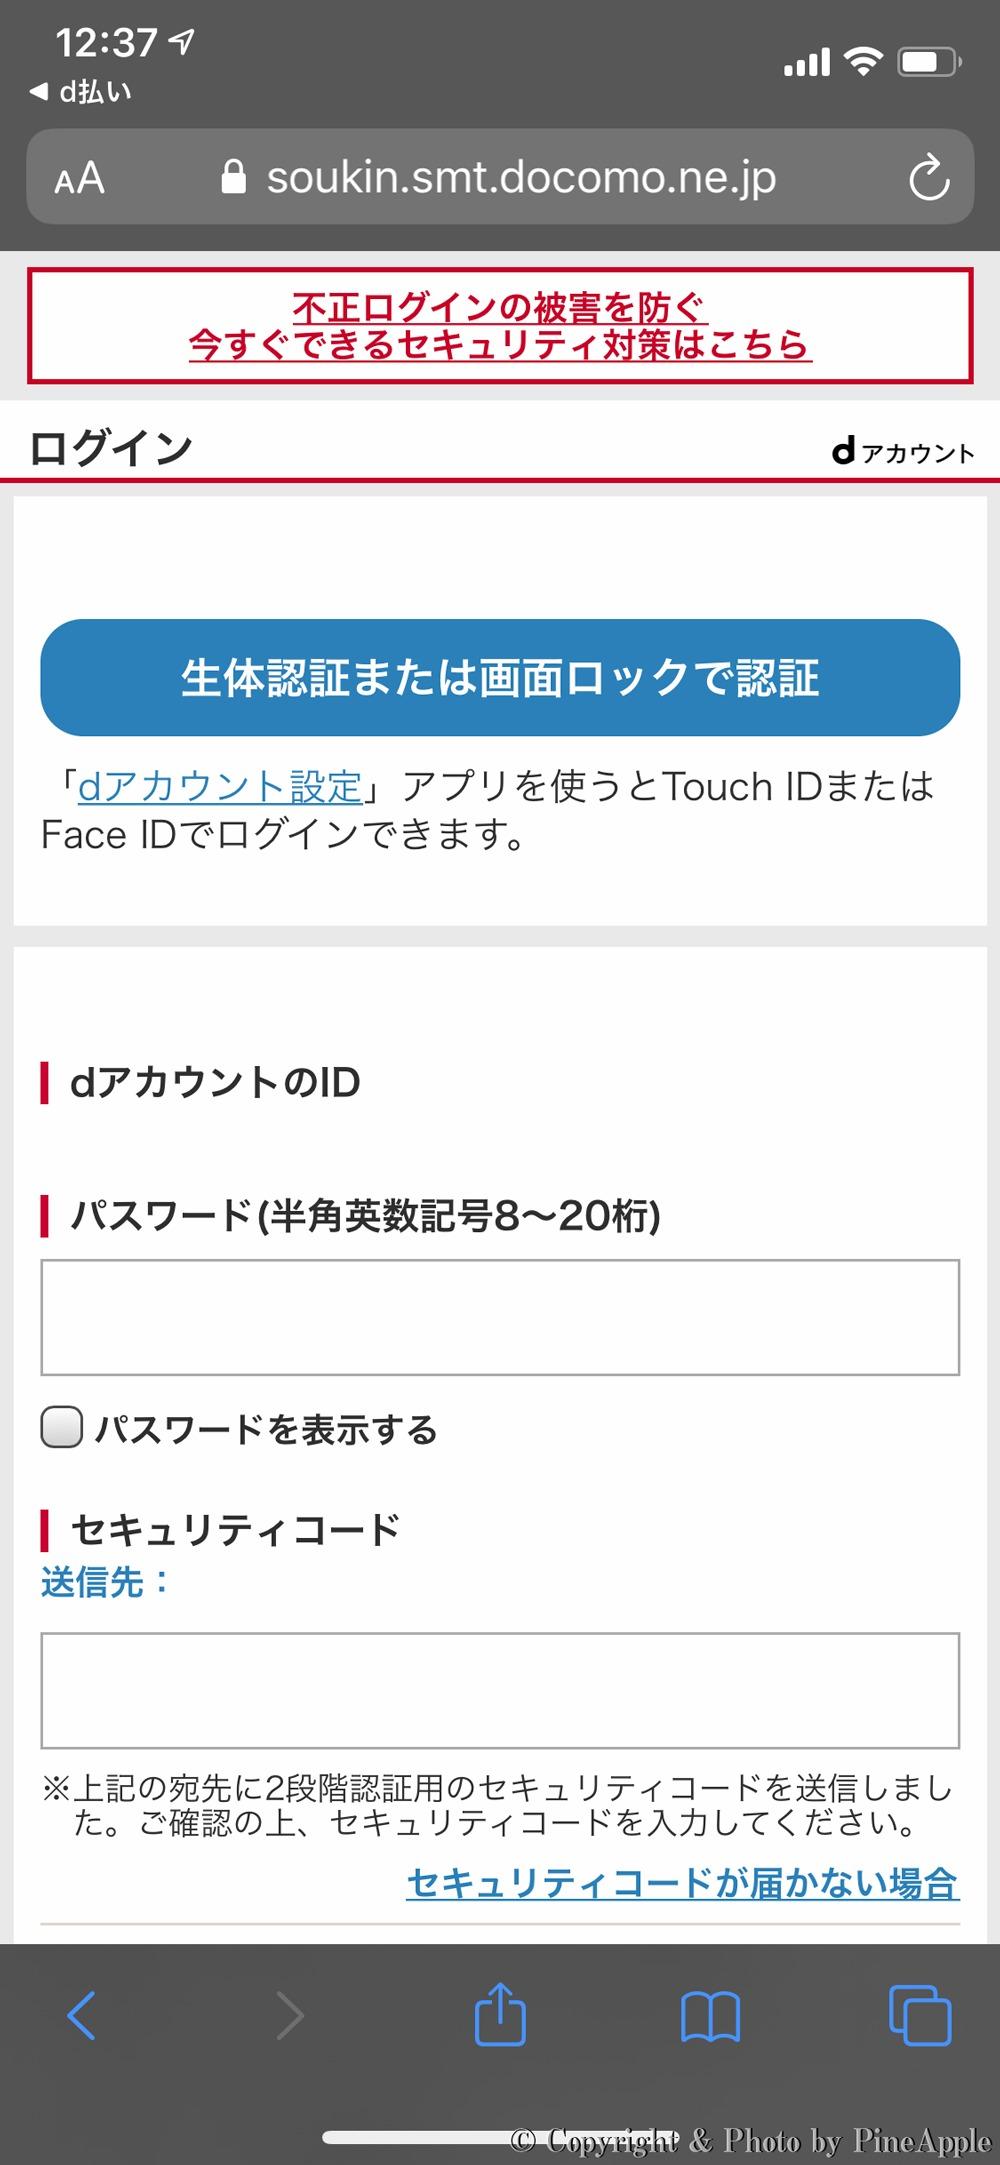 ドコモ口座:「d アカウント」の PW(パスワード)および 2 段階認証のセキュリティコードを入力し「ログイン」をタップ